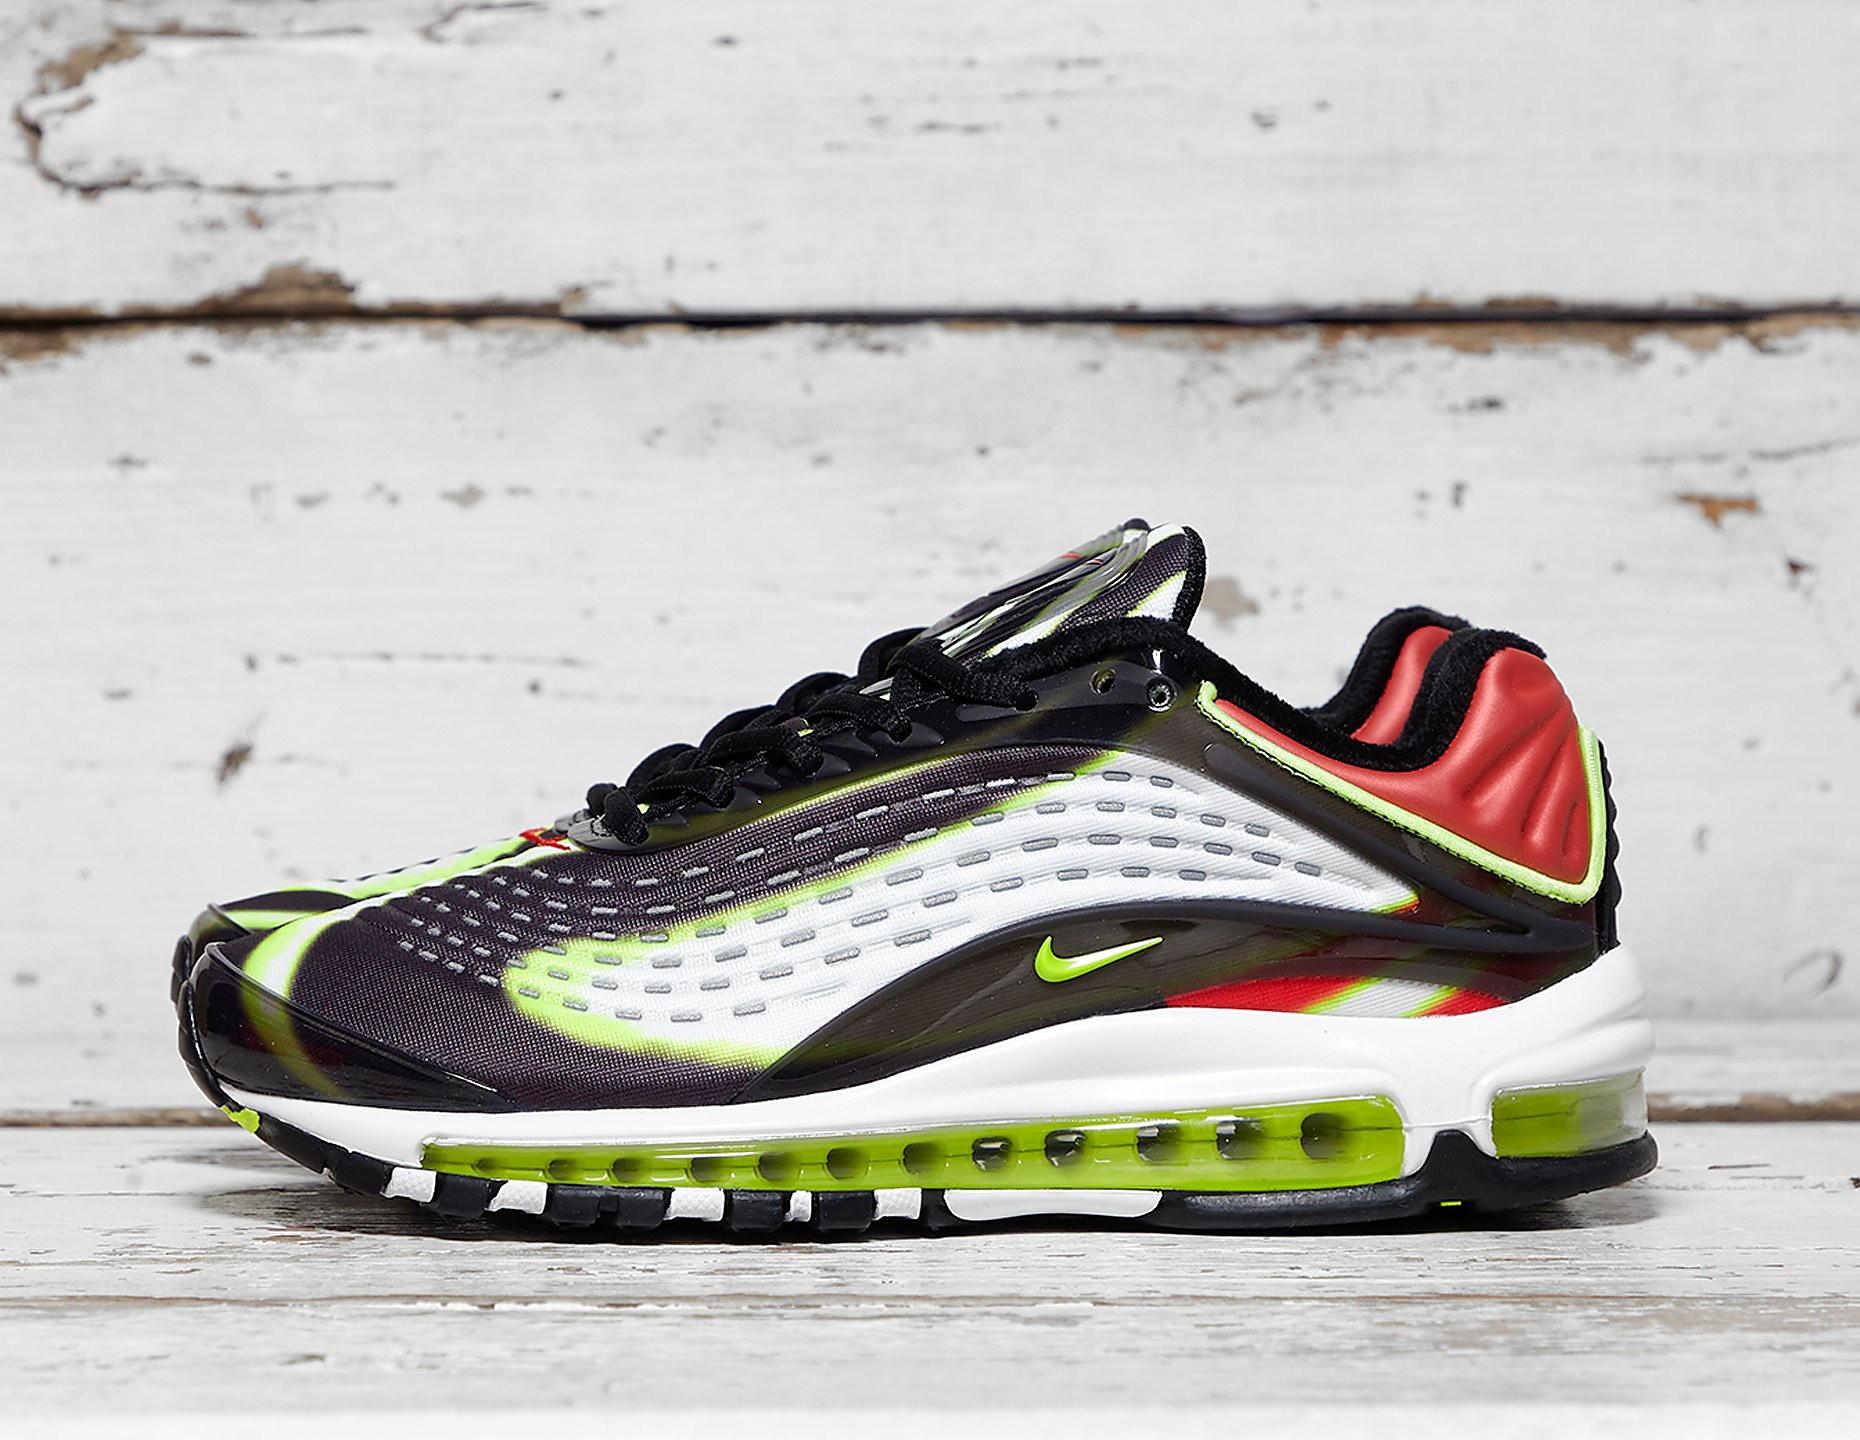 Nike Deluxe OG Femme